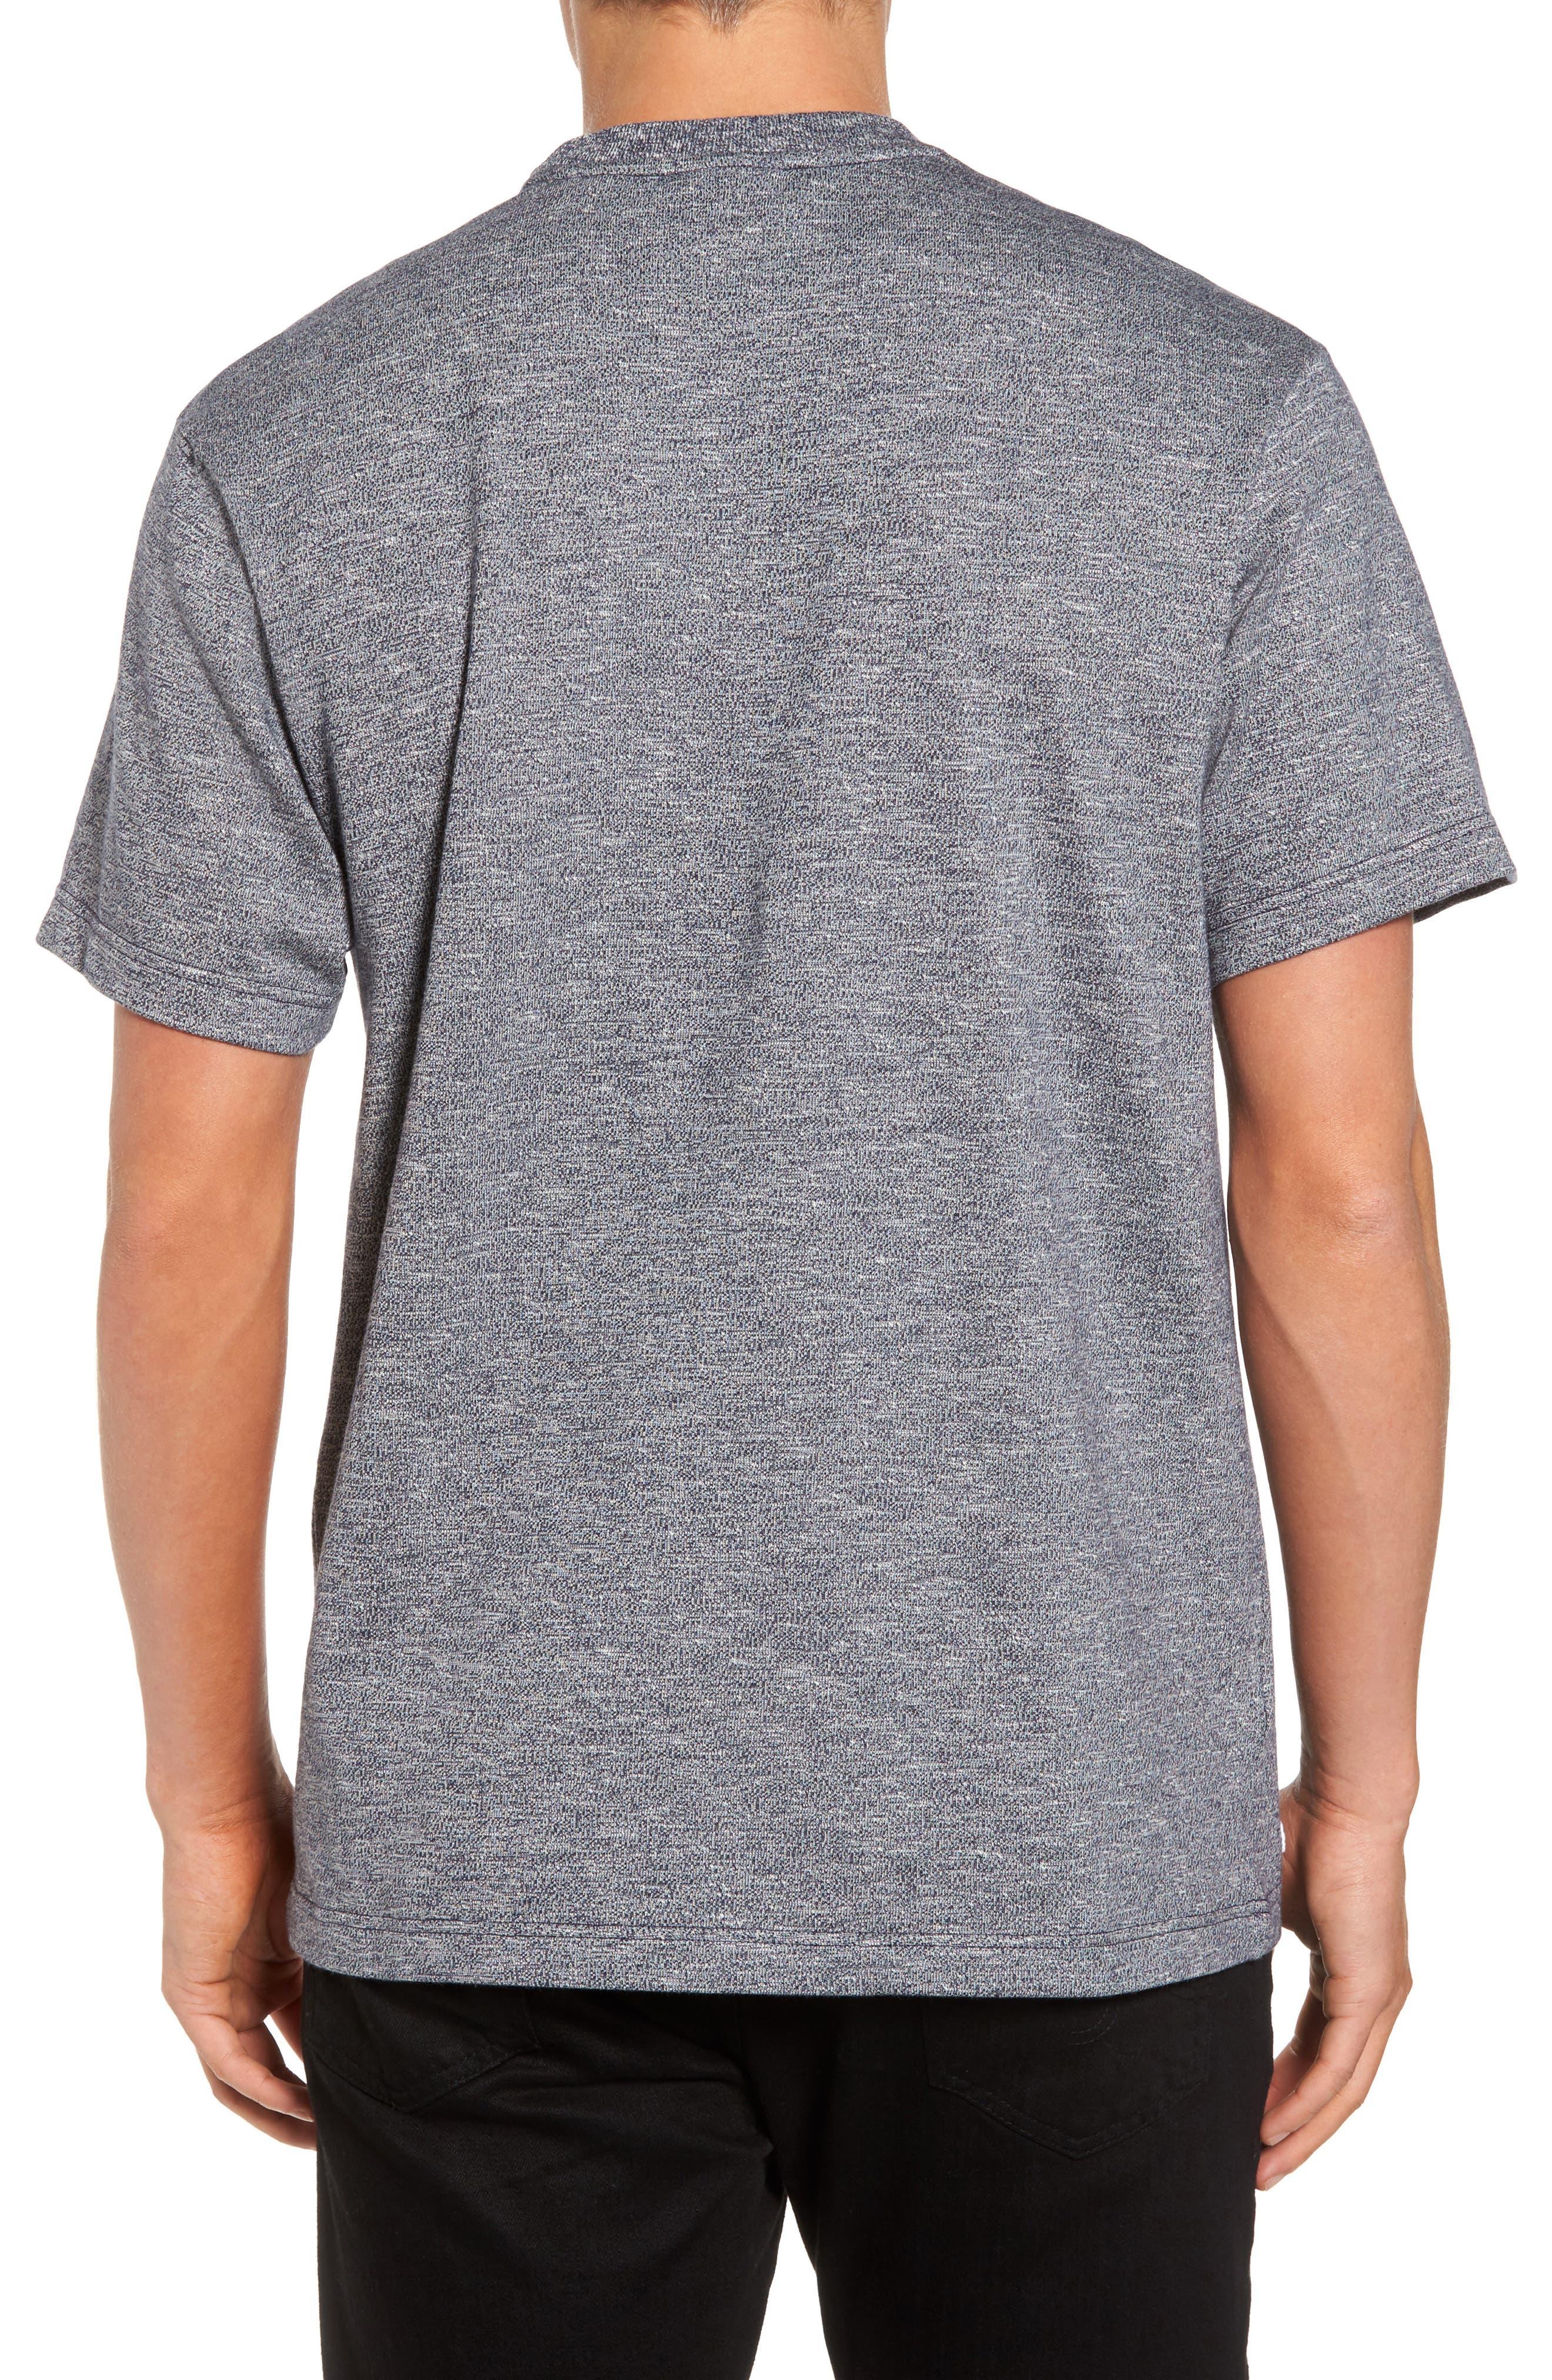 Mouline T-Shirt,                             Alternate thumbnail 2, color,                             060